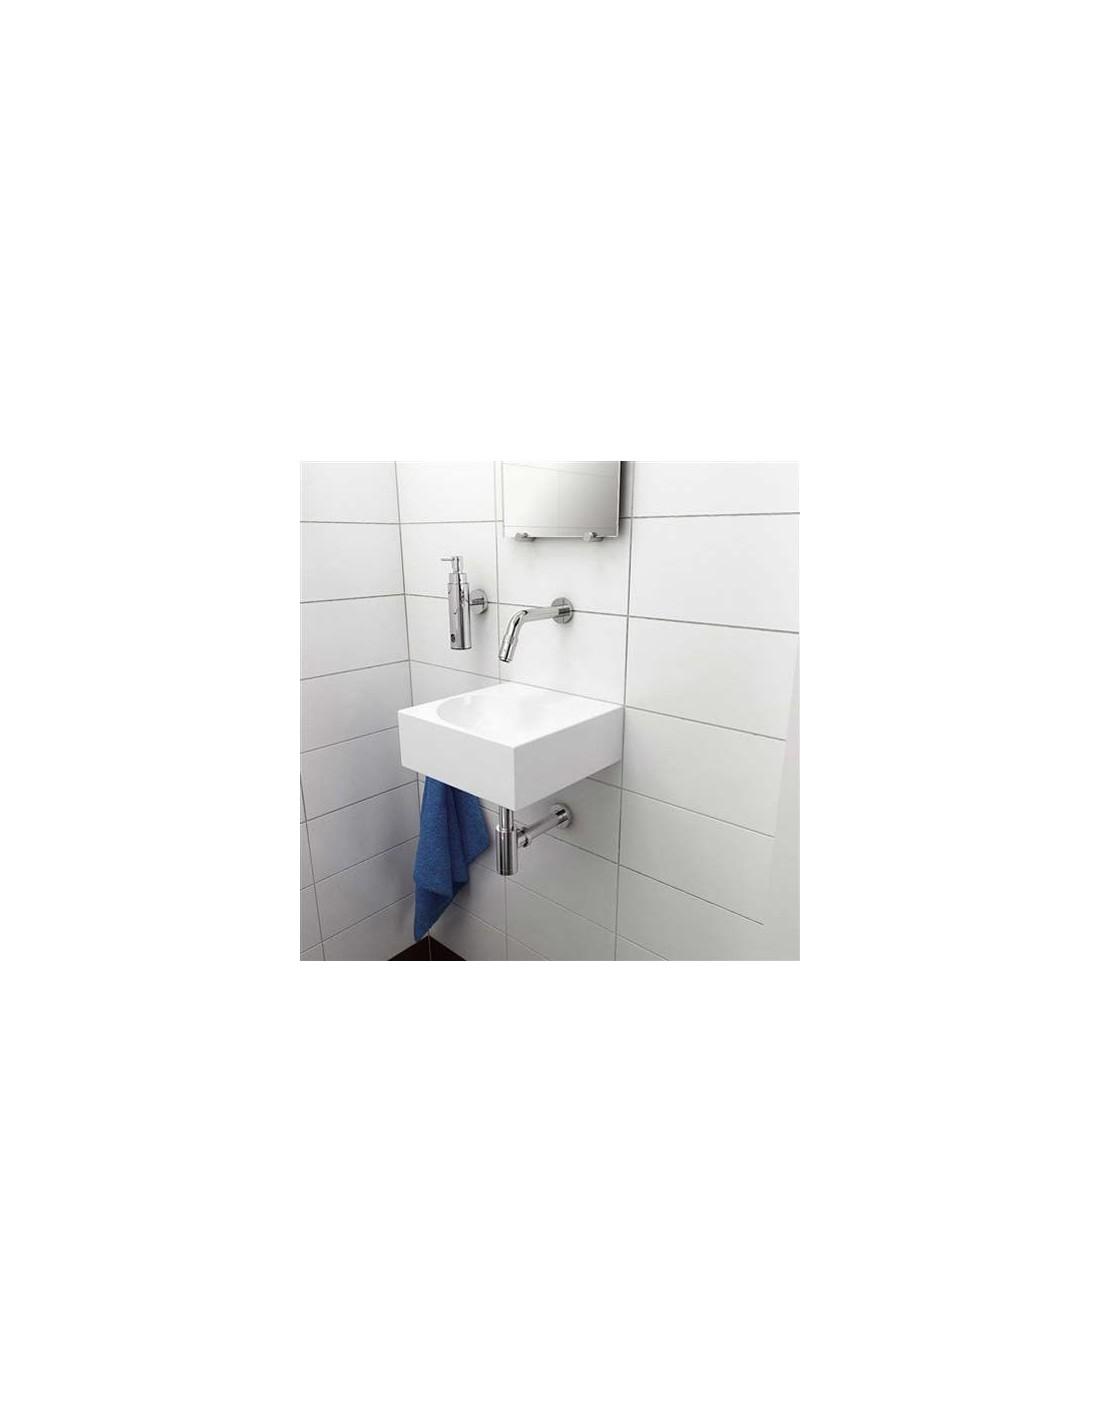 robinet d 39 eau froide salle de bain pour la marque clou. Black Bedroom Furniture Sets. Home Design Ideas